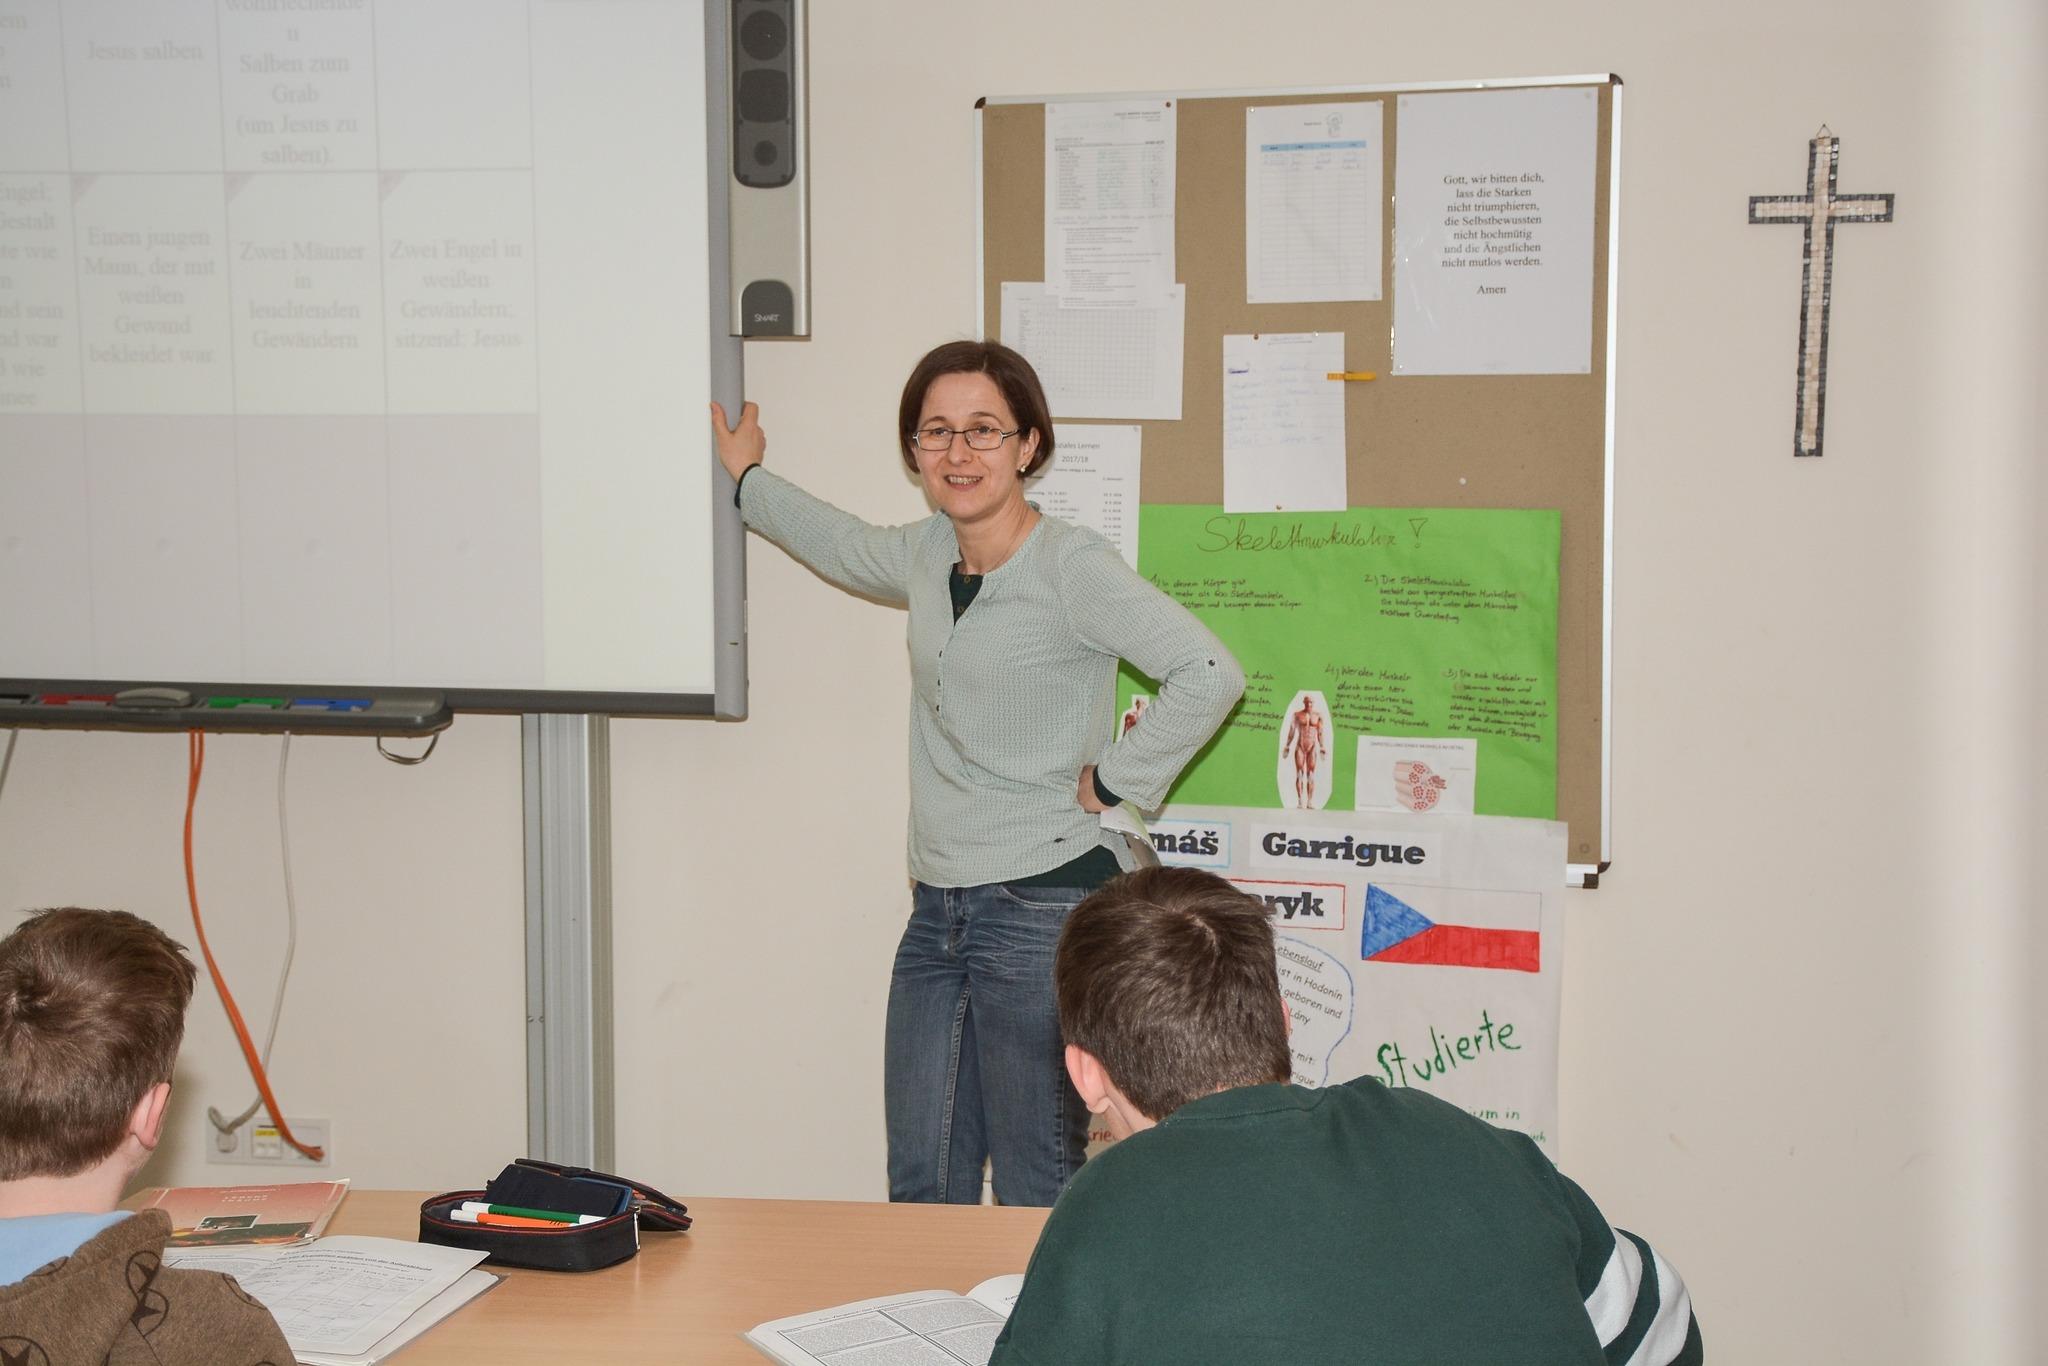 Studenten dating aus zellerndorf - Viktring singlebrsen - Neu